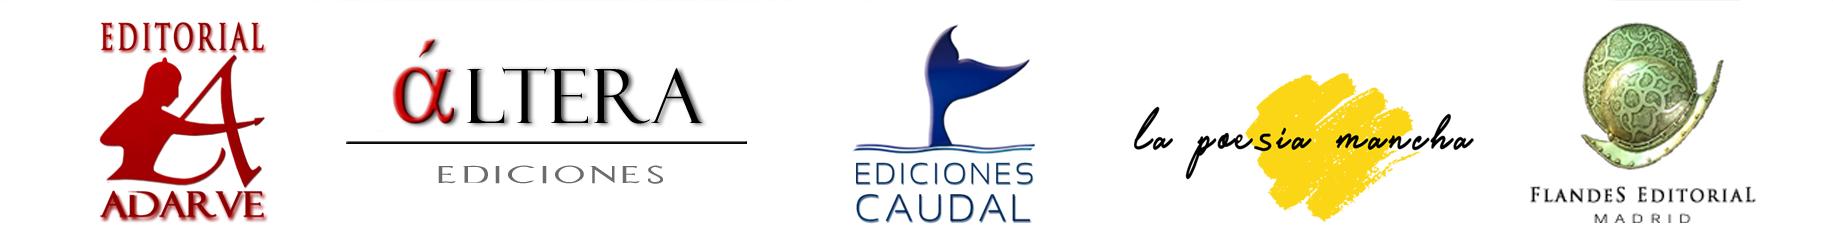 Banda cursos de diseño editorial. Logos editoriales